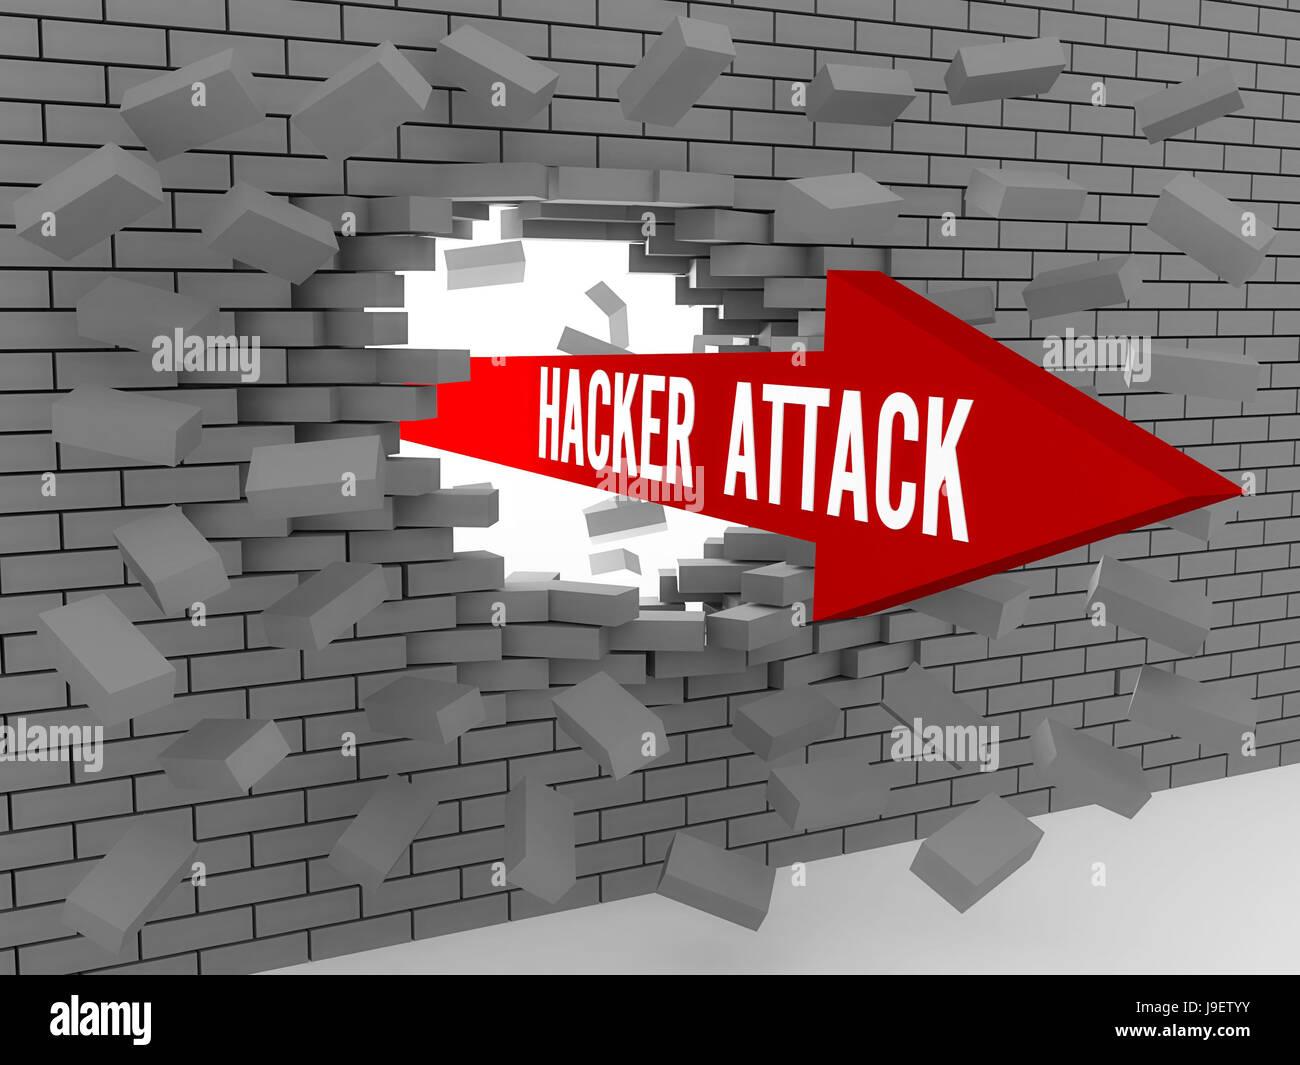 Flèche avec mots Attaque de Hacker casser mur de briques. Concept 3D illustration. Photo Stock